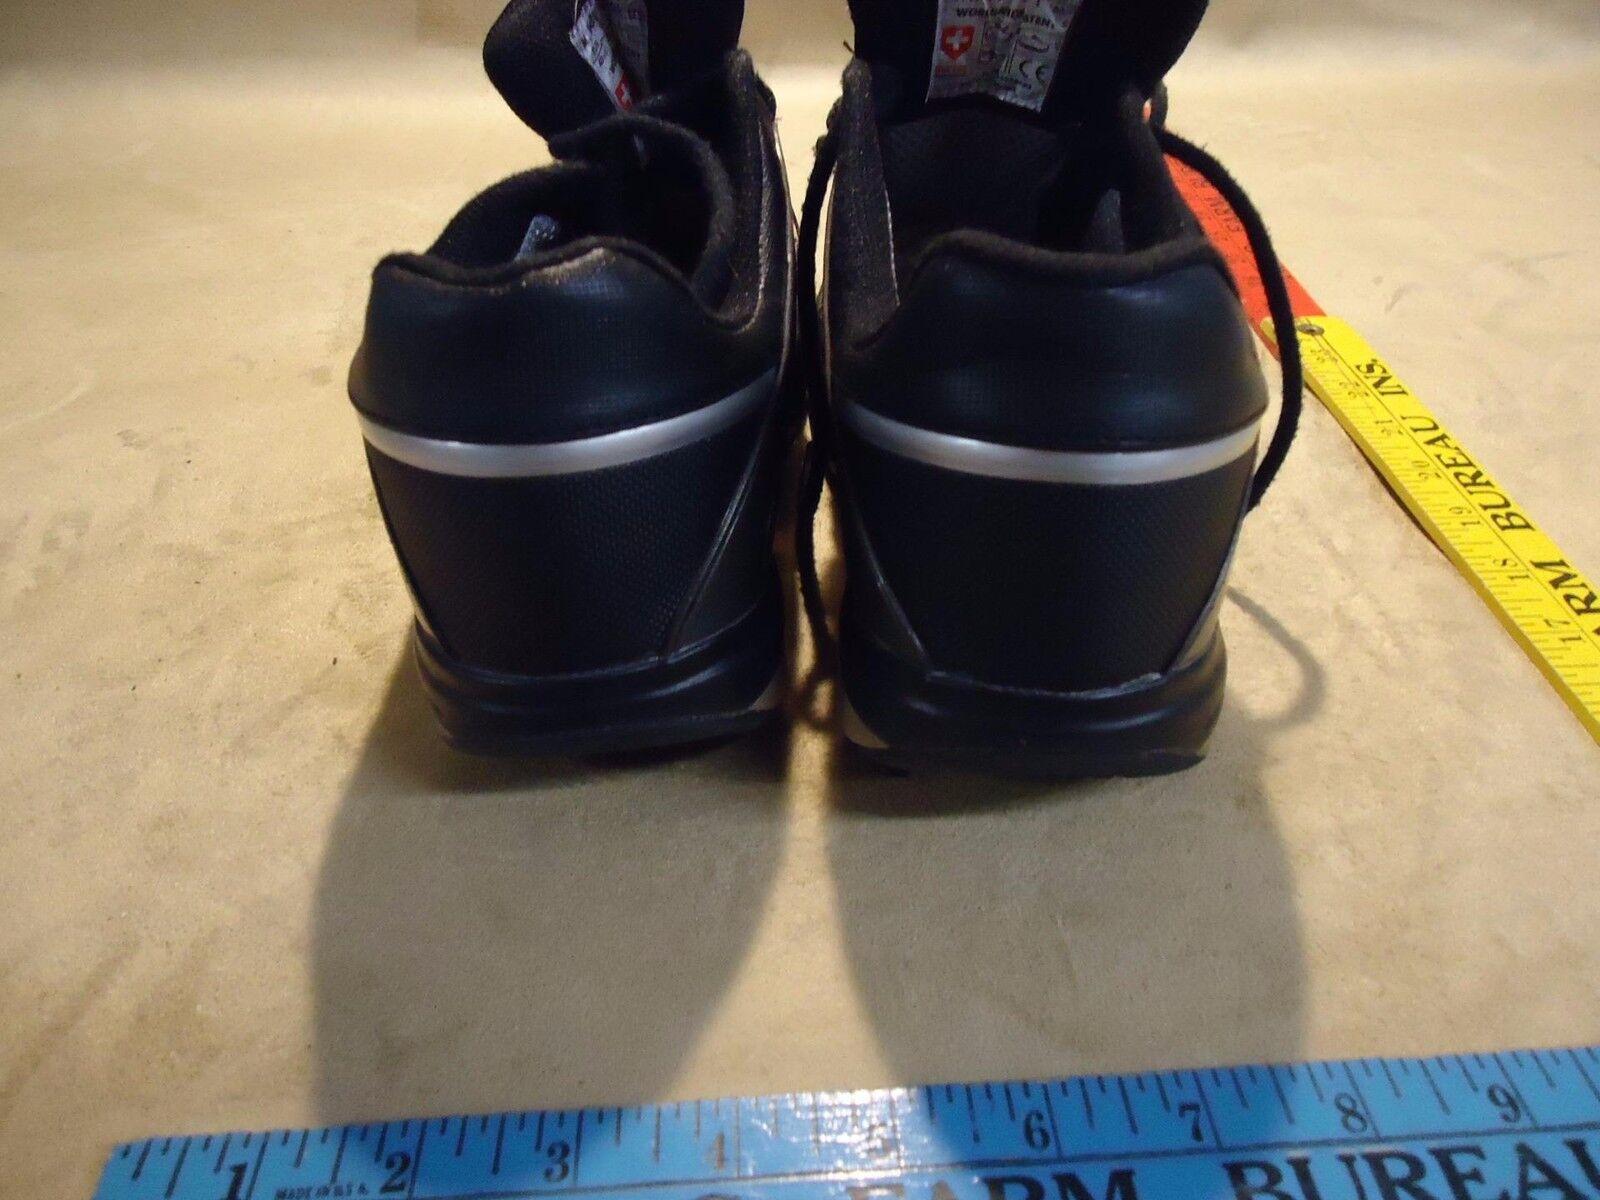 MBT 7640124878944 Leder Mesh Walking Schuhes Sz 9.5 7640124878944 MBT 6b2237